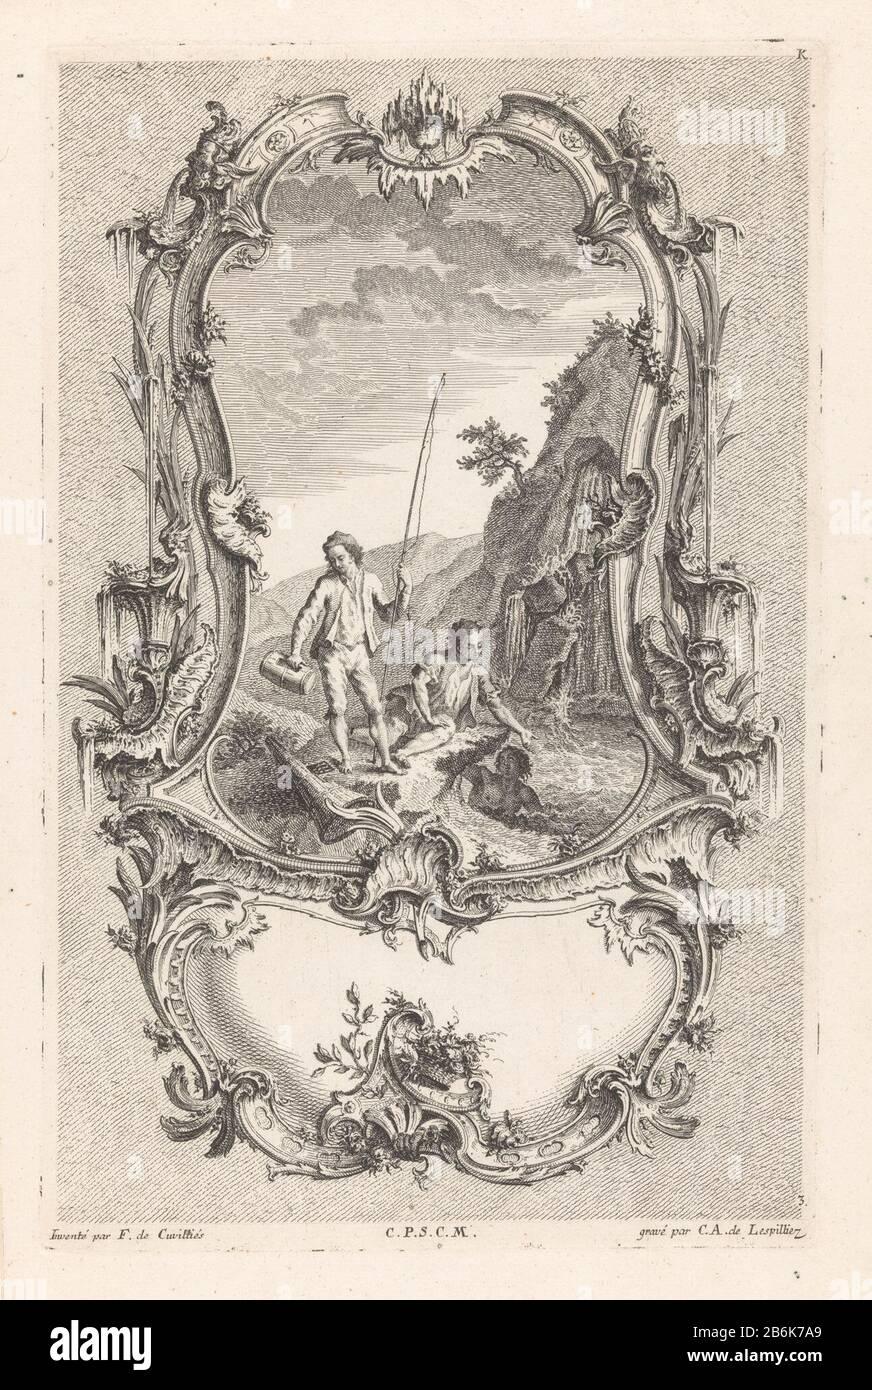 Three young men with waterfall figures in landscapes (series title) 10me Livre K Morceaux The Caprices, A Diverse Usages (series title) Een jongeman met hengel staat op een oever naast een waterval, naast hem zit een jongeman die zijn hand uitreikt naar een zwemmende jongeman in het water. Rondom de voorstelling een geornamenteerde omlijsting. Manufacturer : prentmaker: Carl Albert von Lespilliez (vermeld op object)naar ontwerp van: François de Cuvilliés (Sr.) (vermeld op object)verkoper: François de Cuvilliés (Sr.)verkoper: Poillyverlener van privilege: Keizerlijk hof (vermeld op object)Plaat Stock Photo